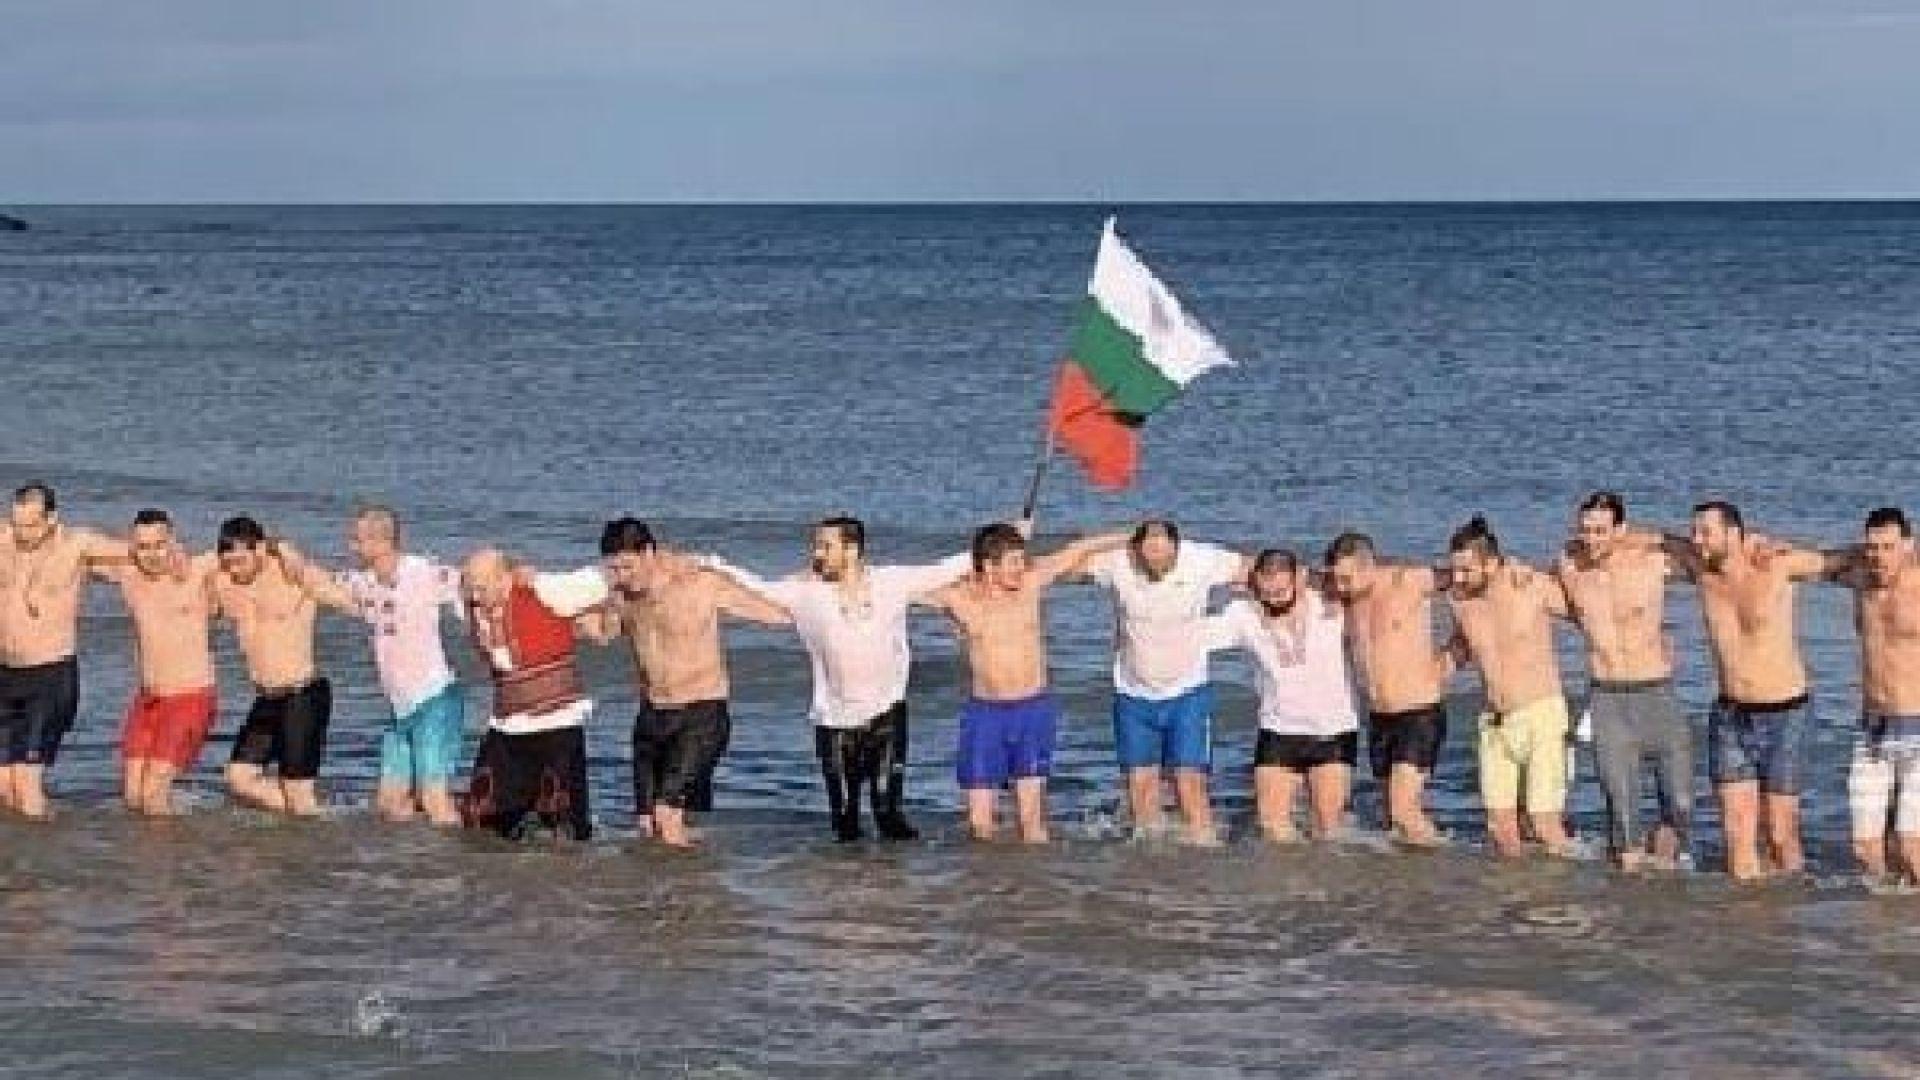 Българите в Чикаго скачаха за кръста и играха ледено хоро (видео)